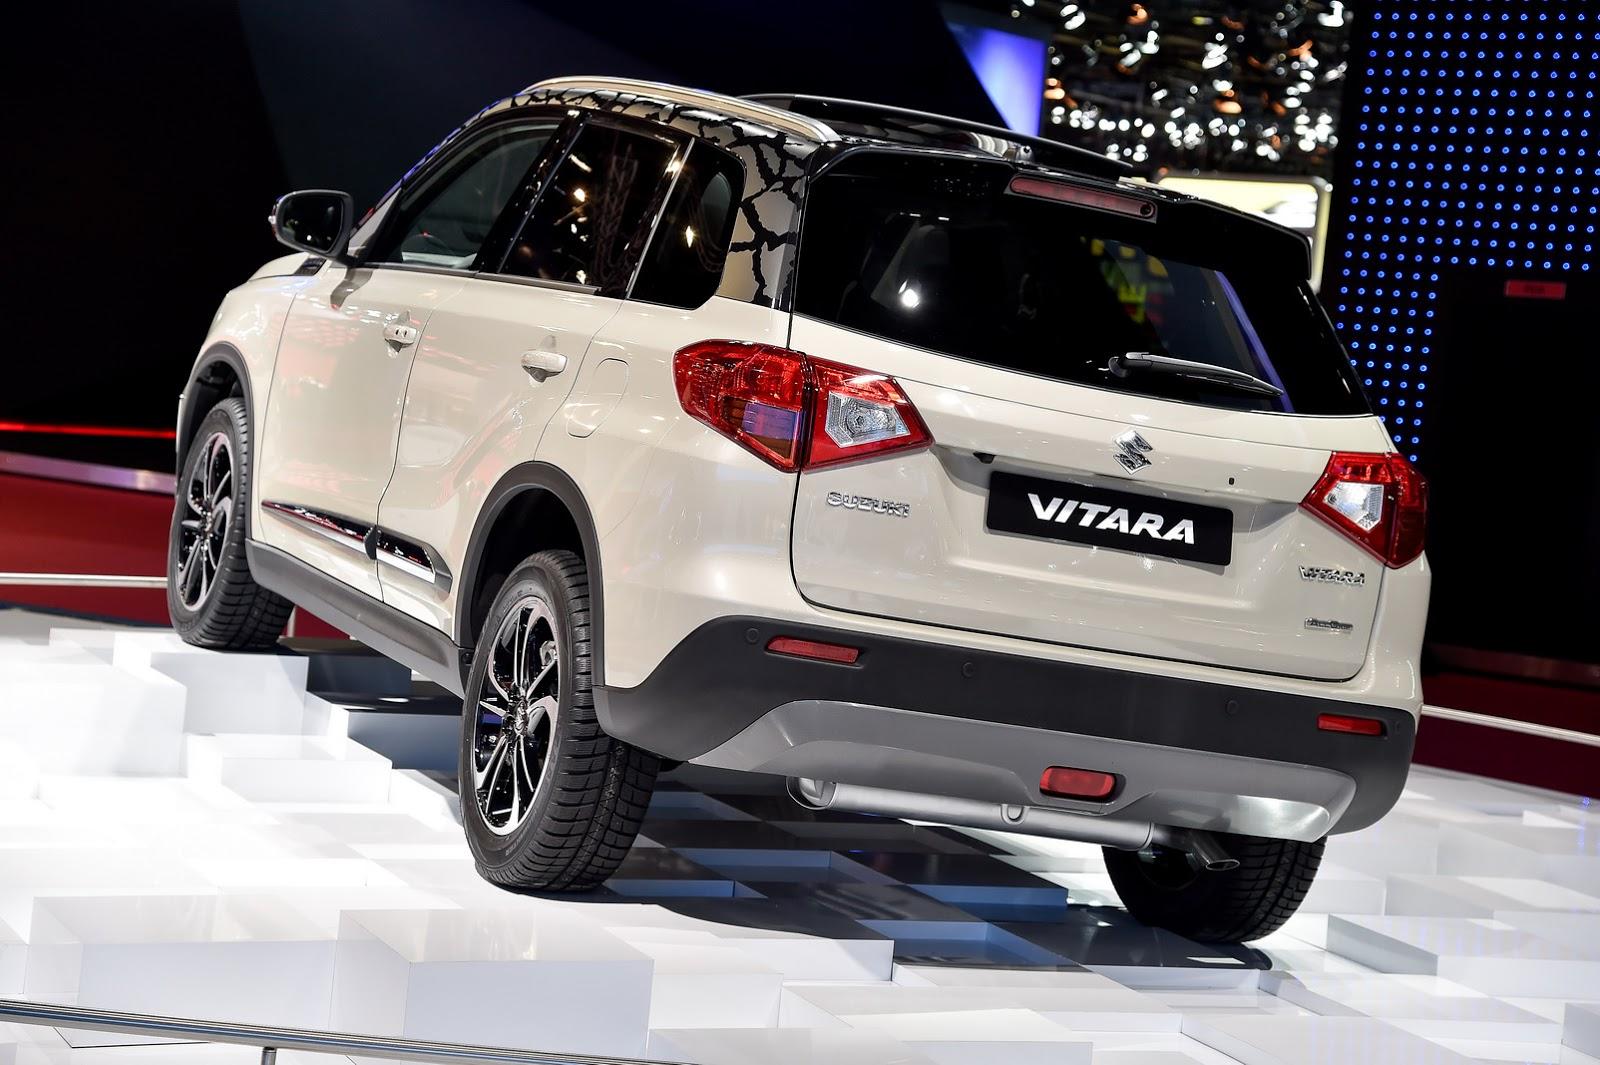 Suzuki's New Vitara SUV Goes Mainstream in Paris | Carscoops